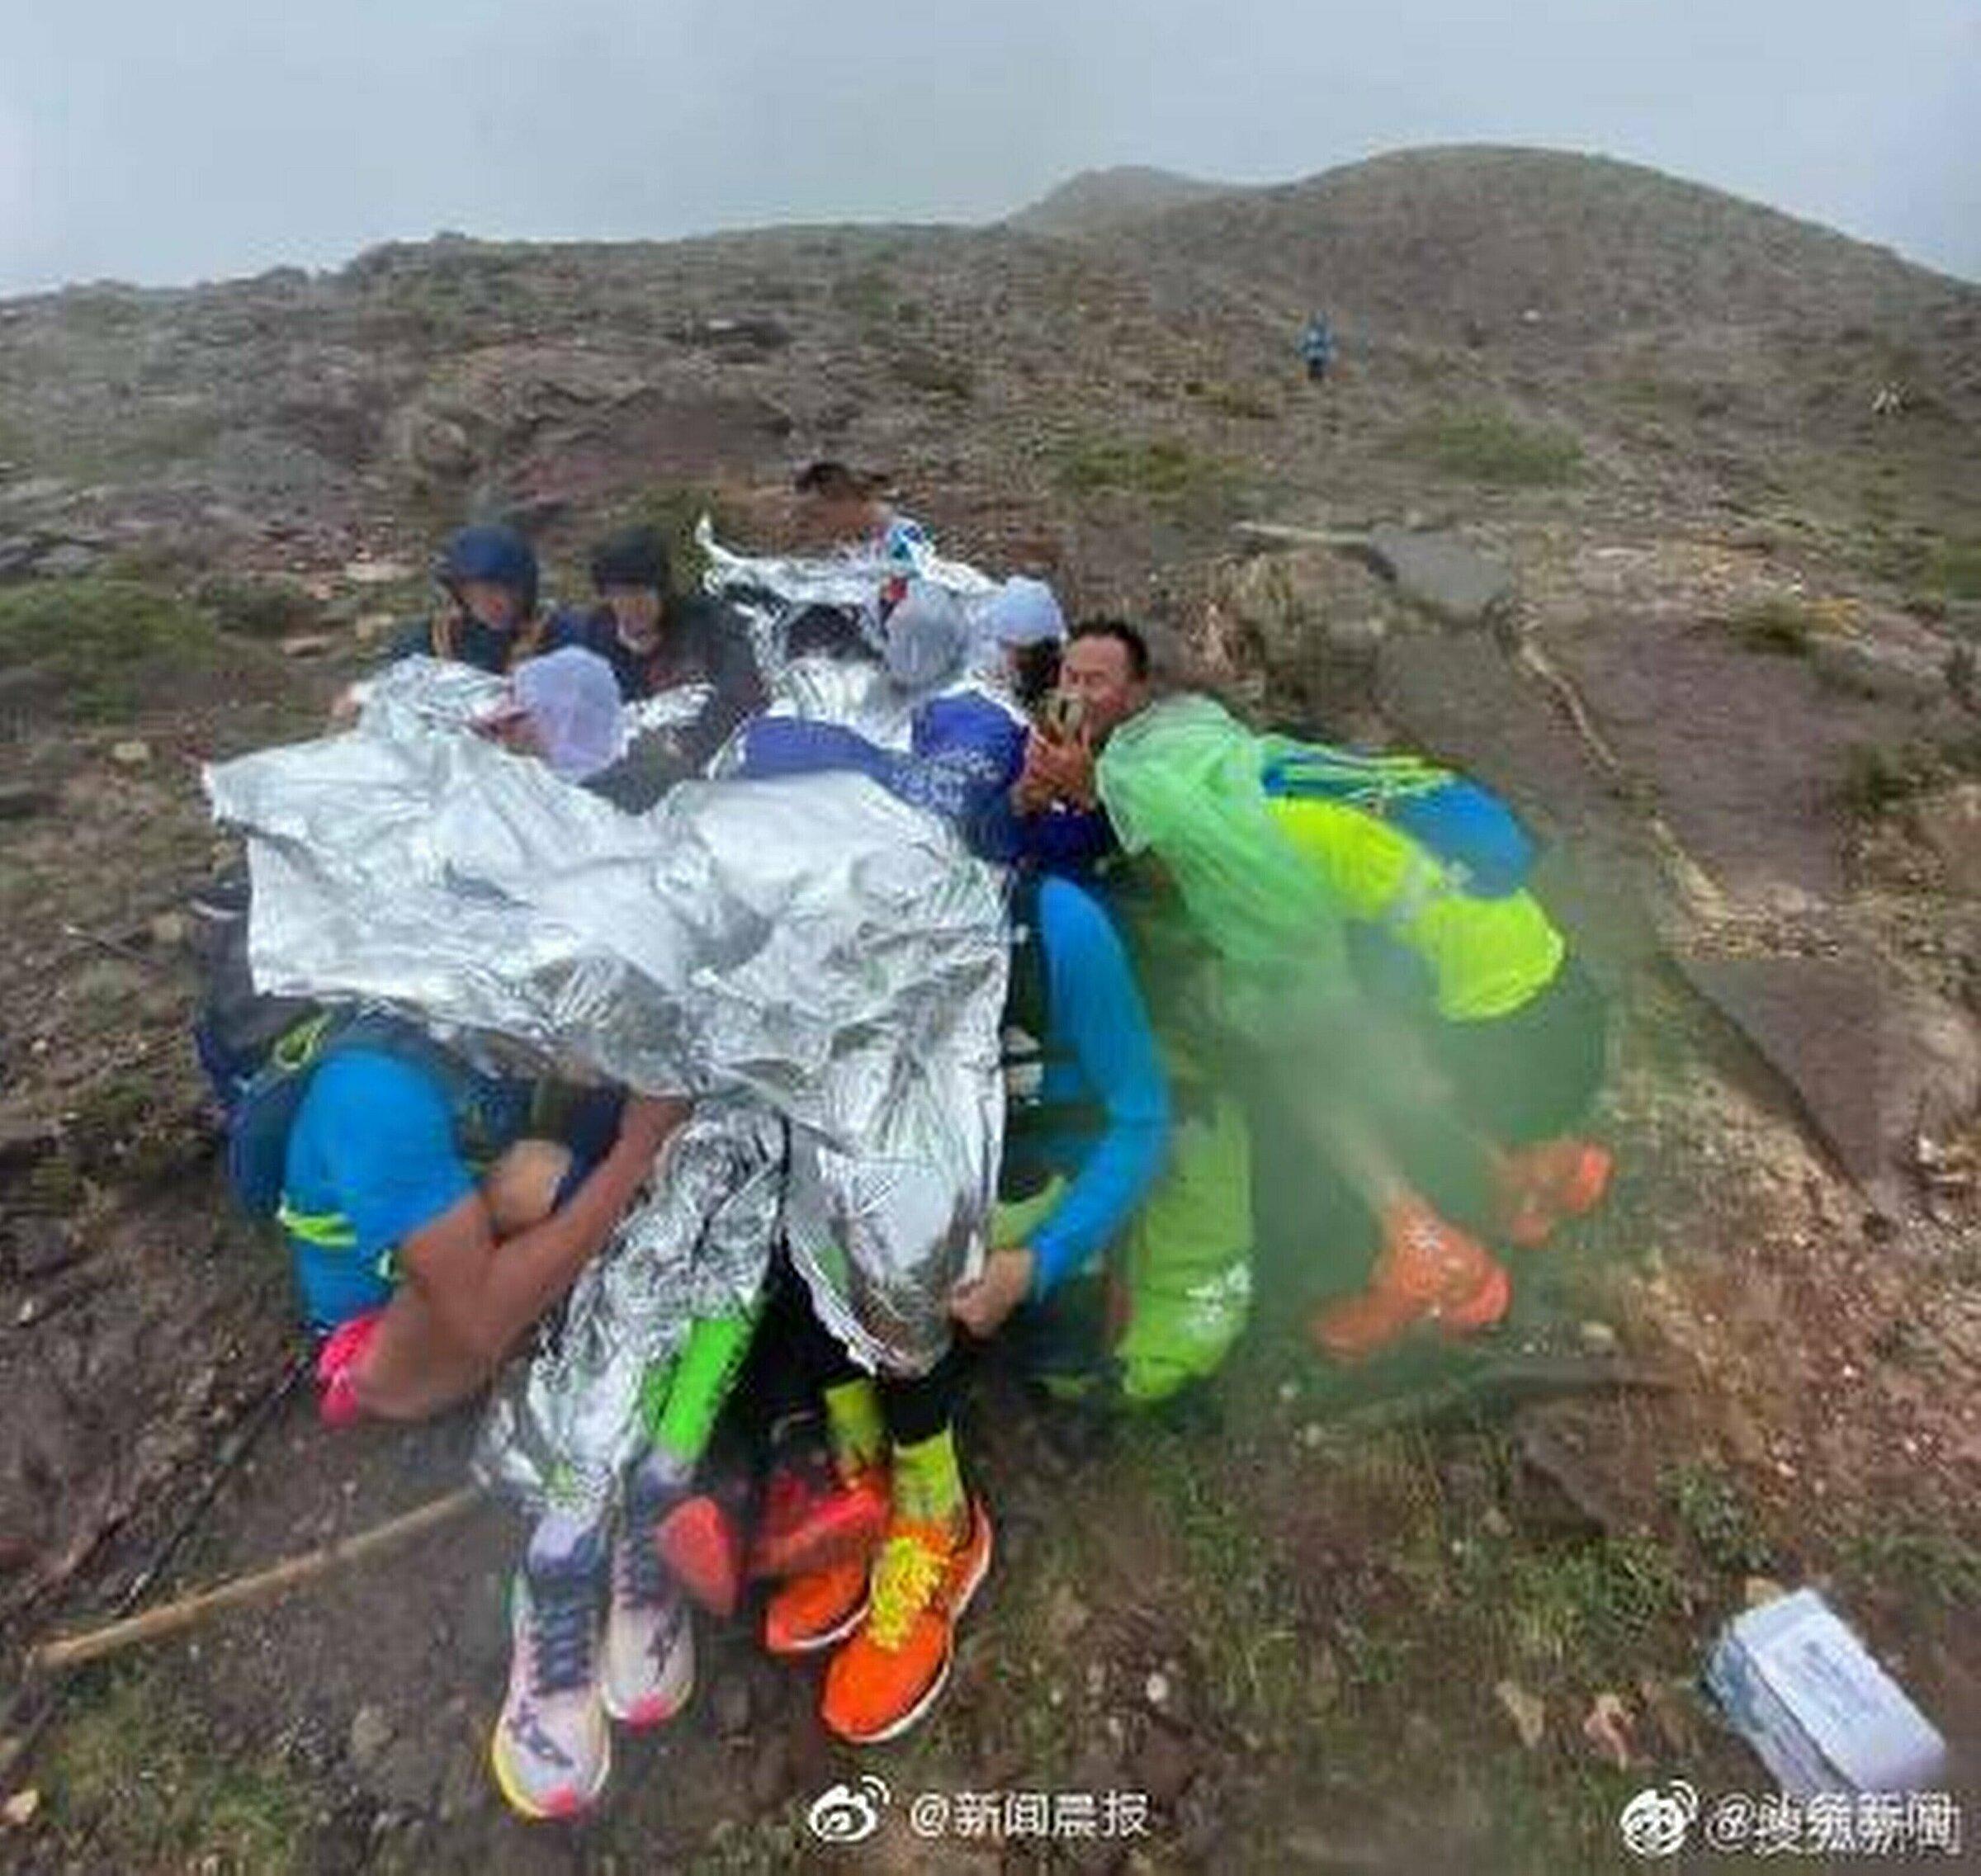 Một nhóm VĐV co cụm trên sườn núi để chống chọi gió giật và mưa lạnh trong lúc chờ giải cứu. Ảnh: news.qq.com